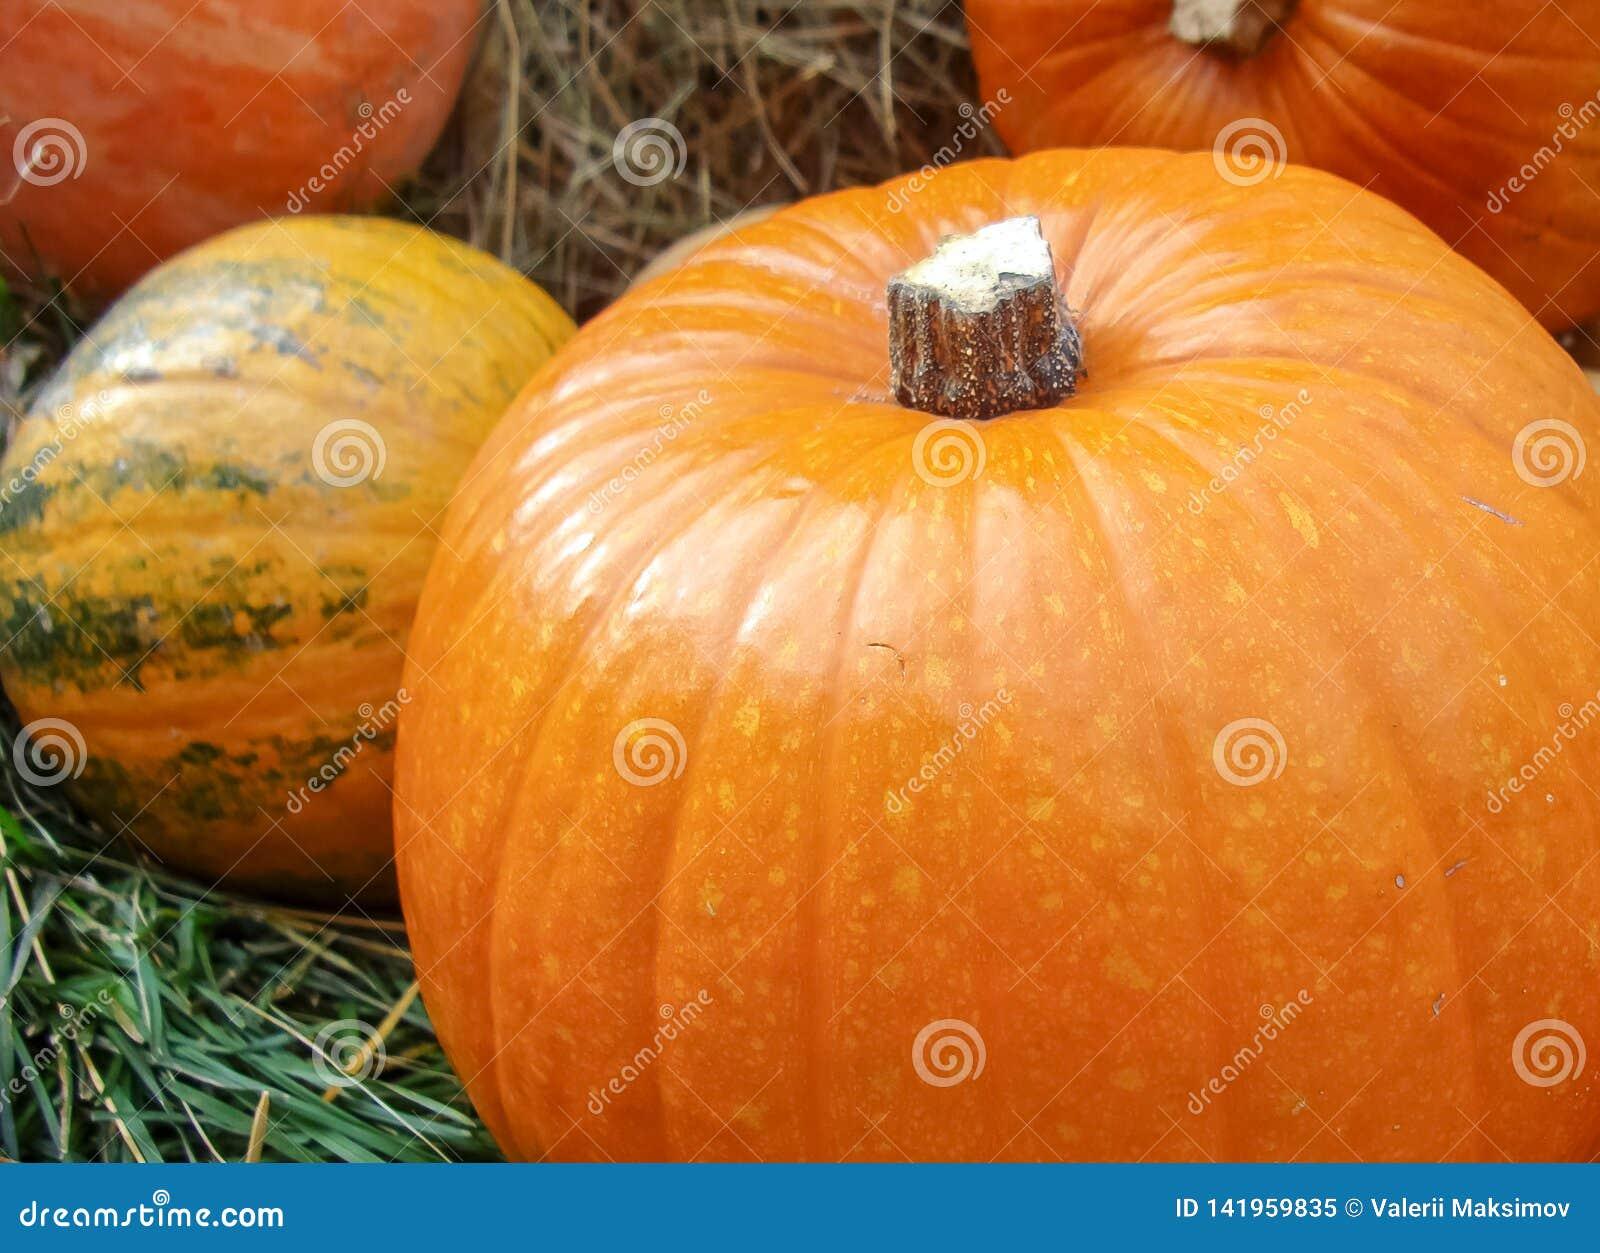 Composition en automne avec les potirons oranges sur l herbe